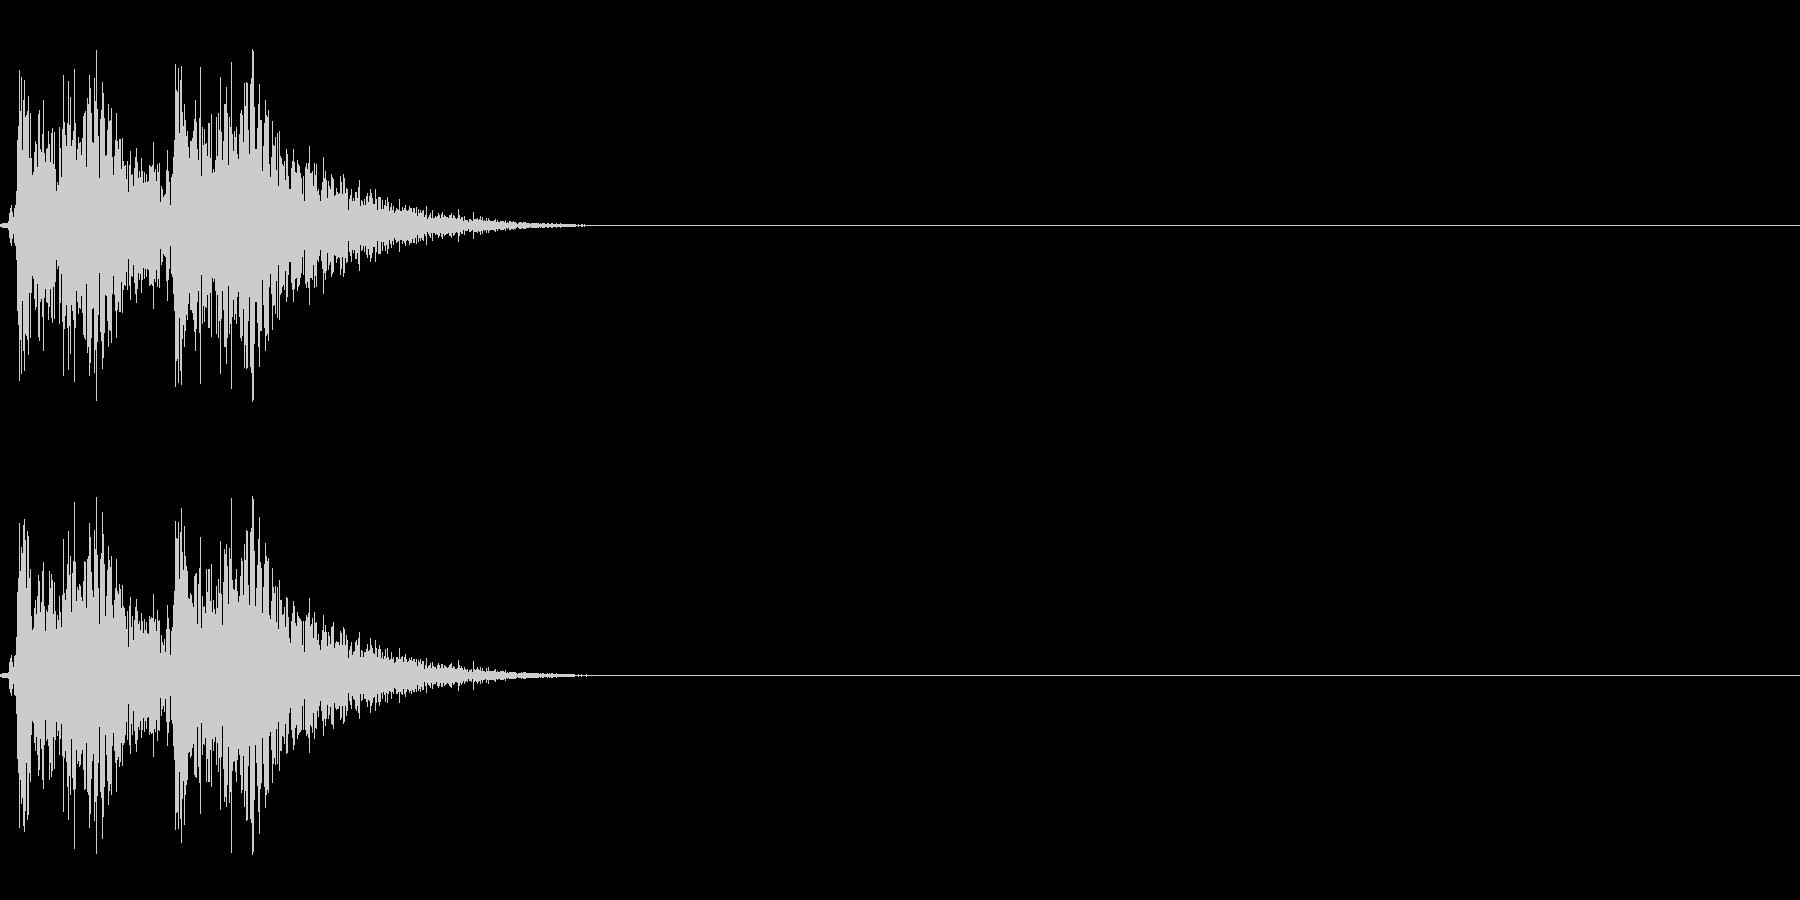 【打撃05-2】の未再生の波形